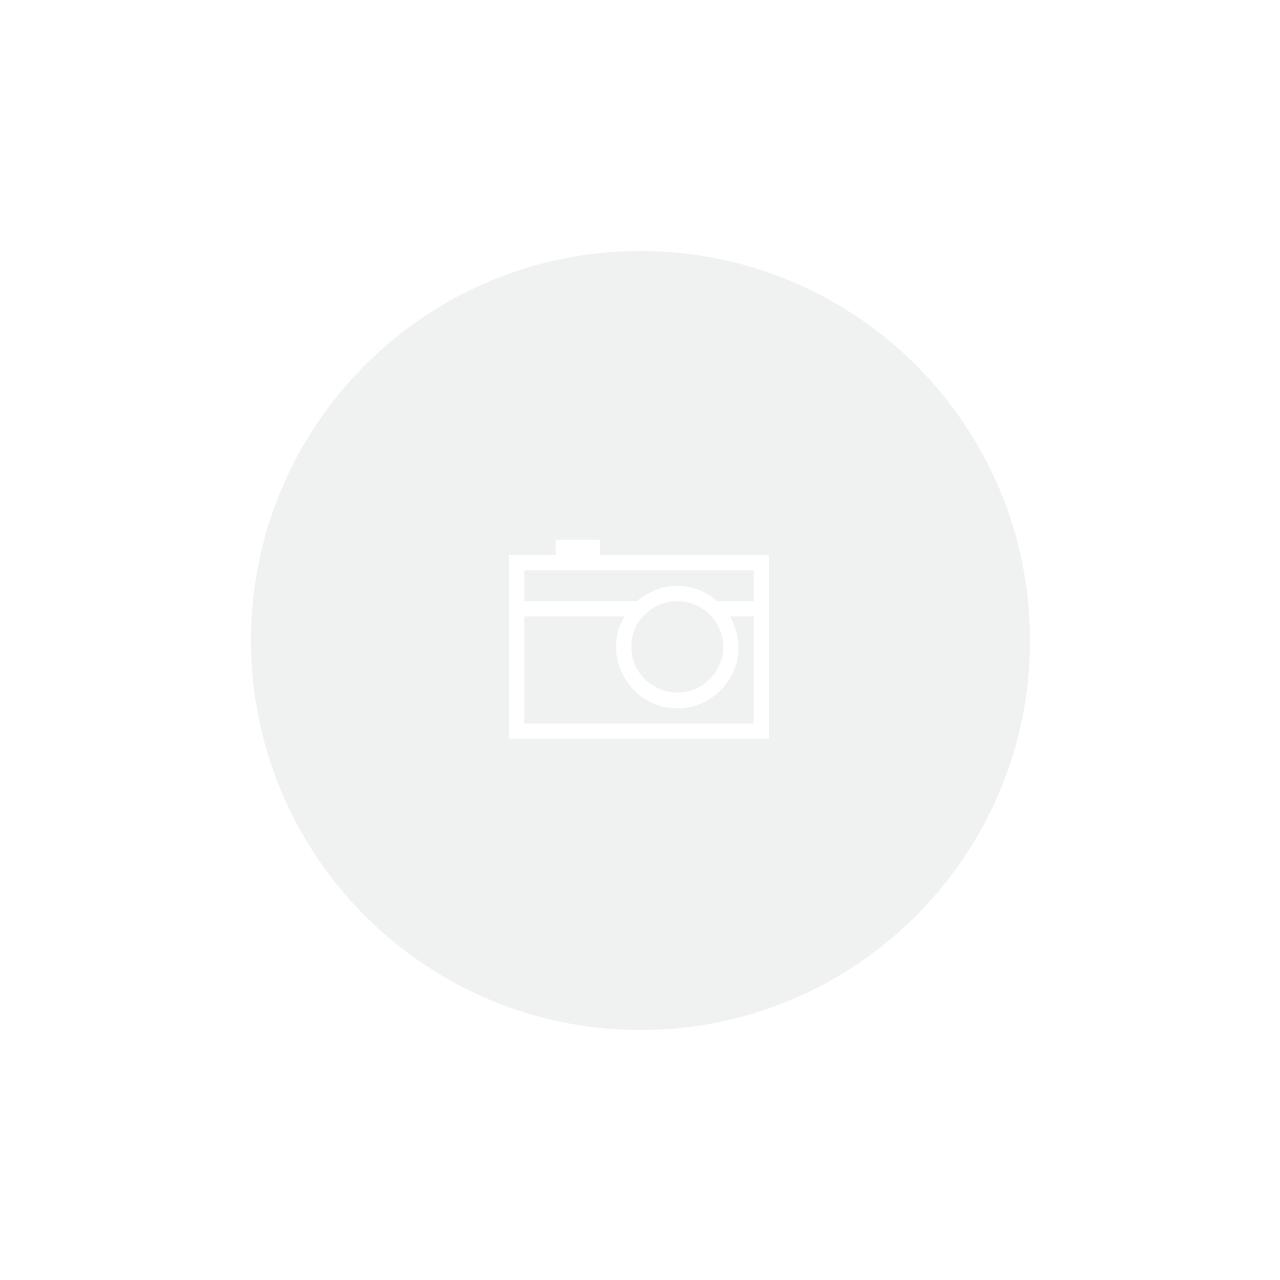 PASTILHA FREIO D. YK01 TRUST P/ SHIMANO M495/M416/M575/M446